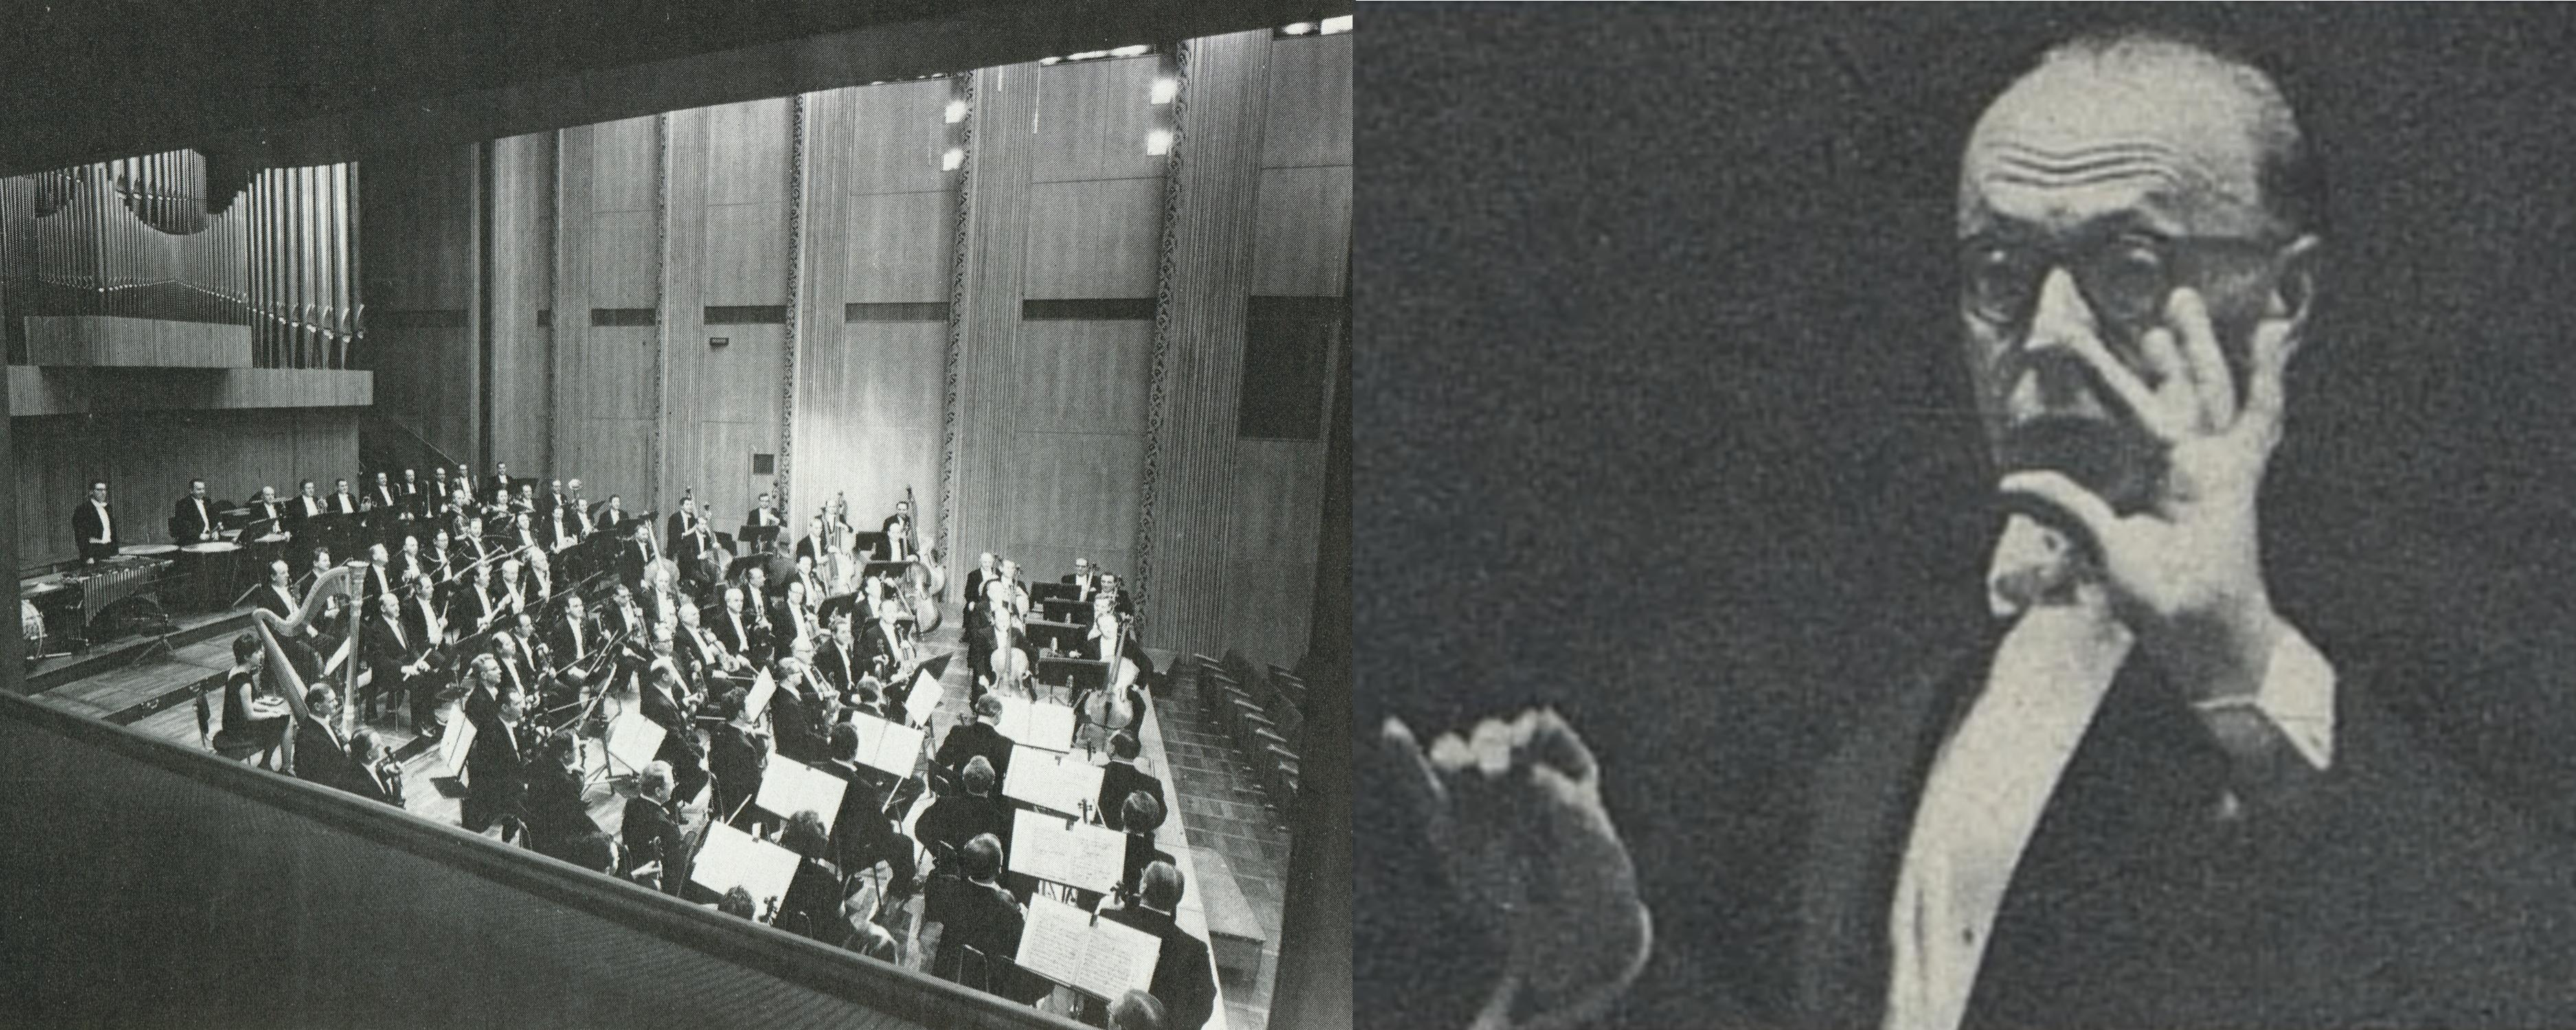 Grande salle de concert de la Maison de la Radio de Cologne - George SZELL